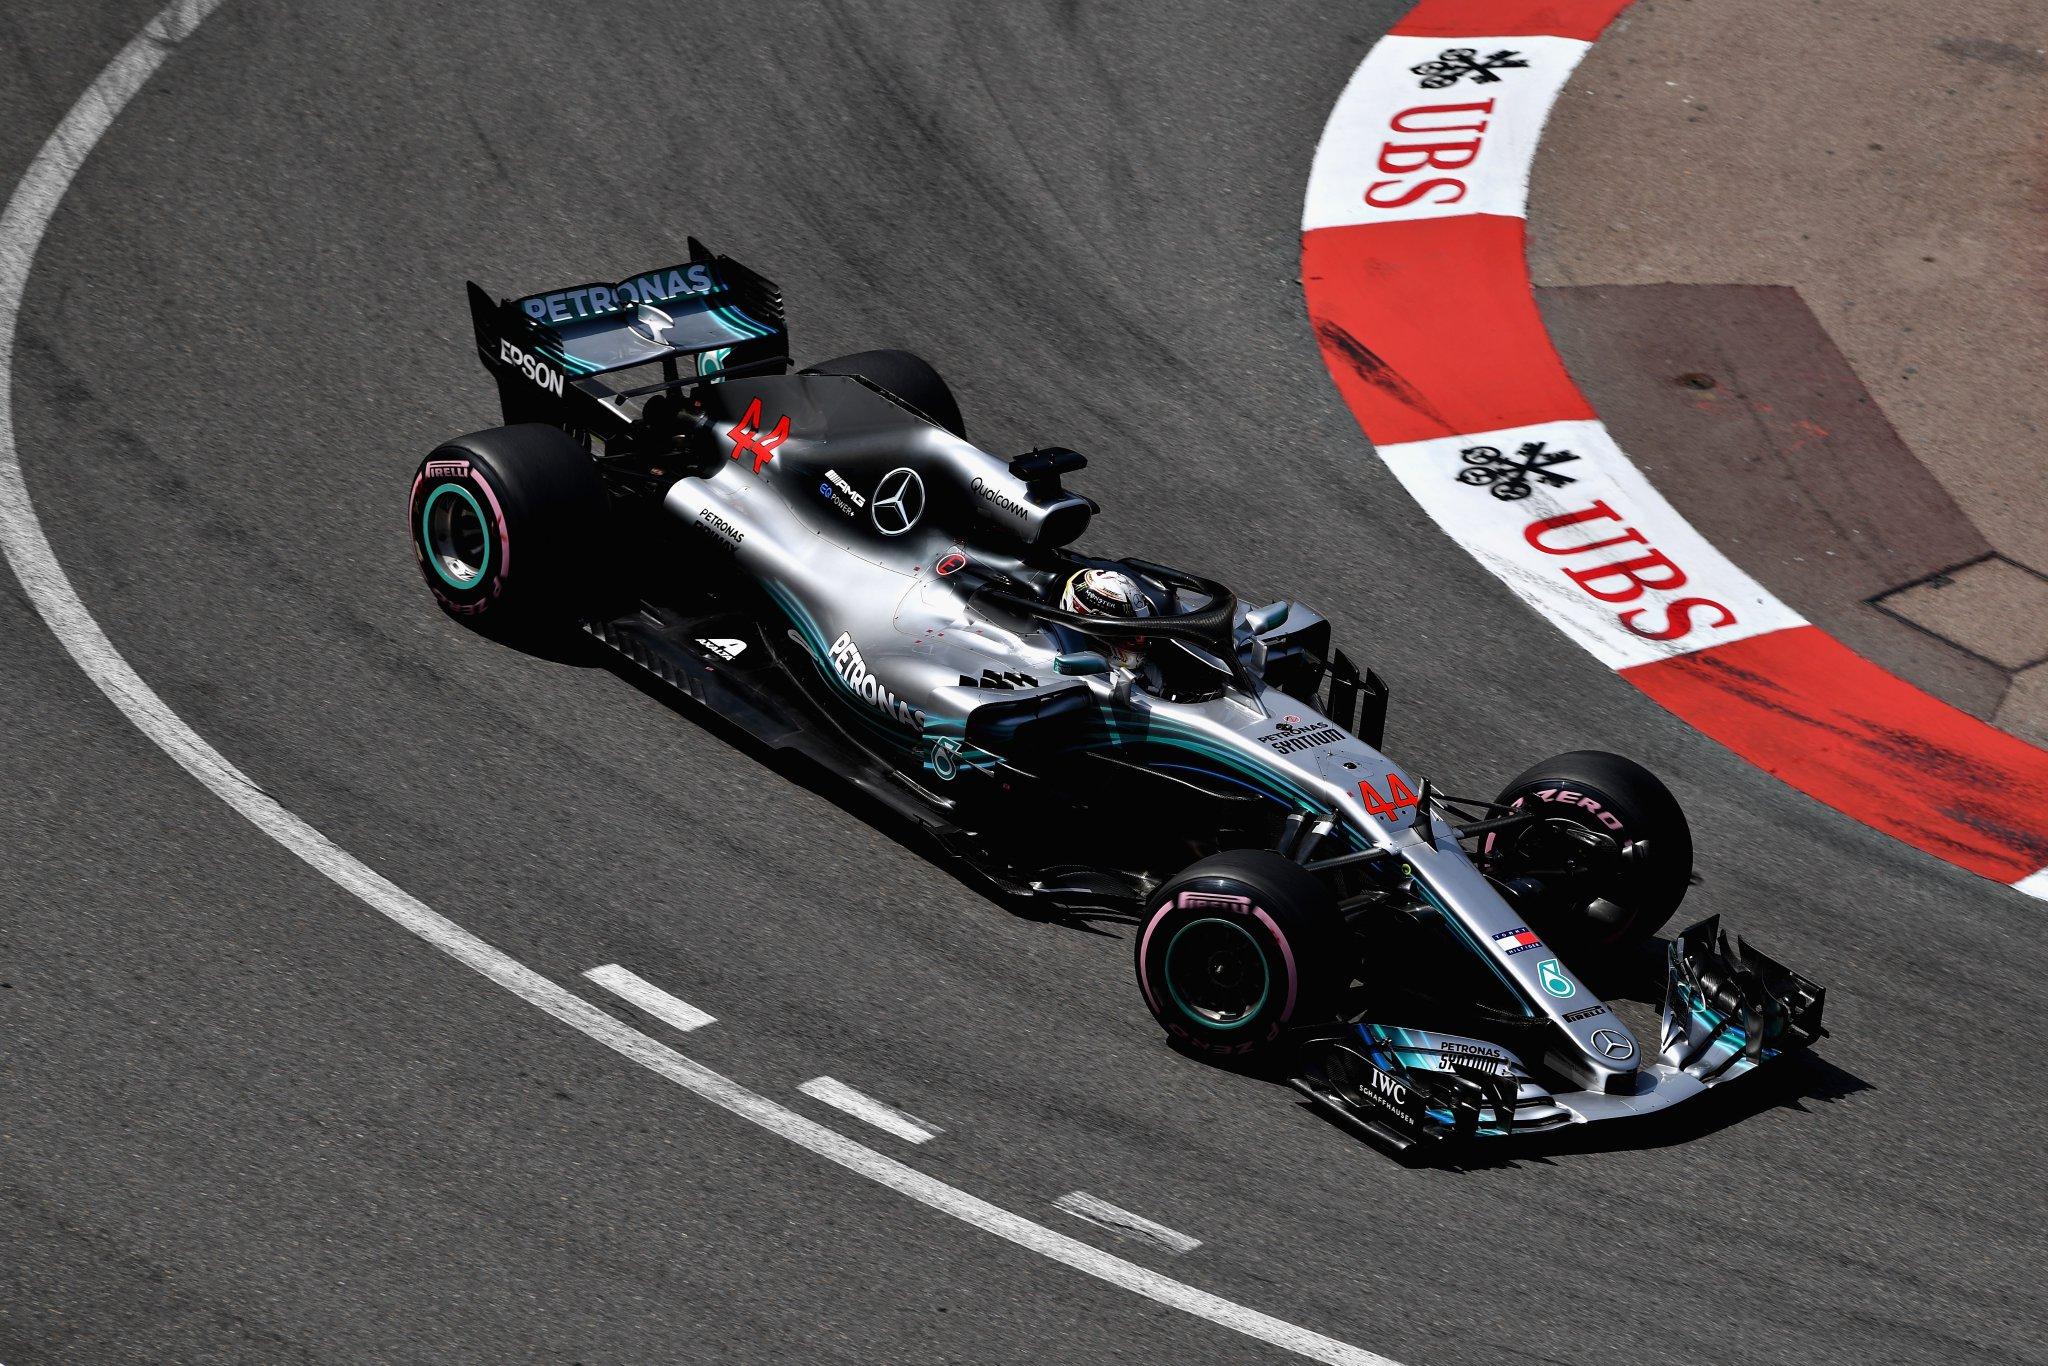 Команда Mercedes возглавляет кубок конструкторов Формулы-1 после гран-при Монако 2018 года